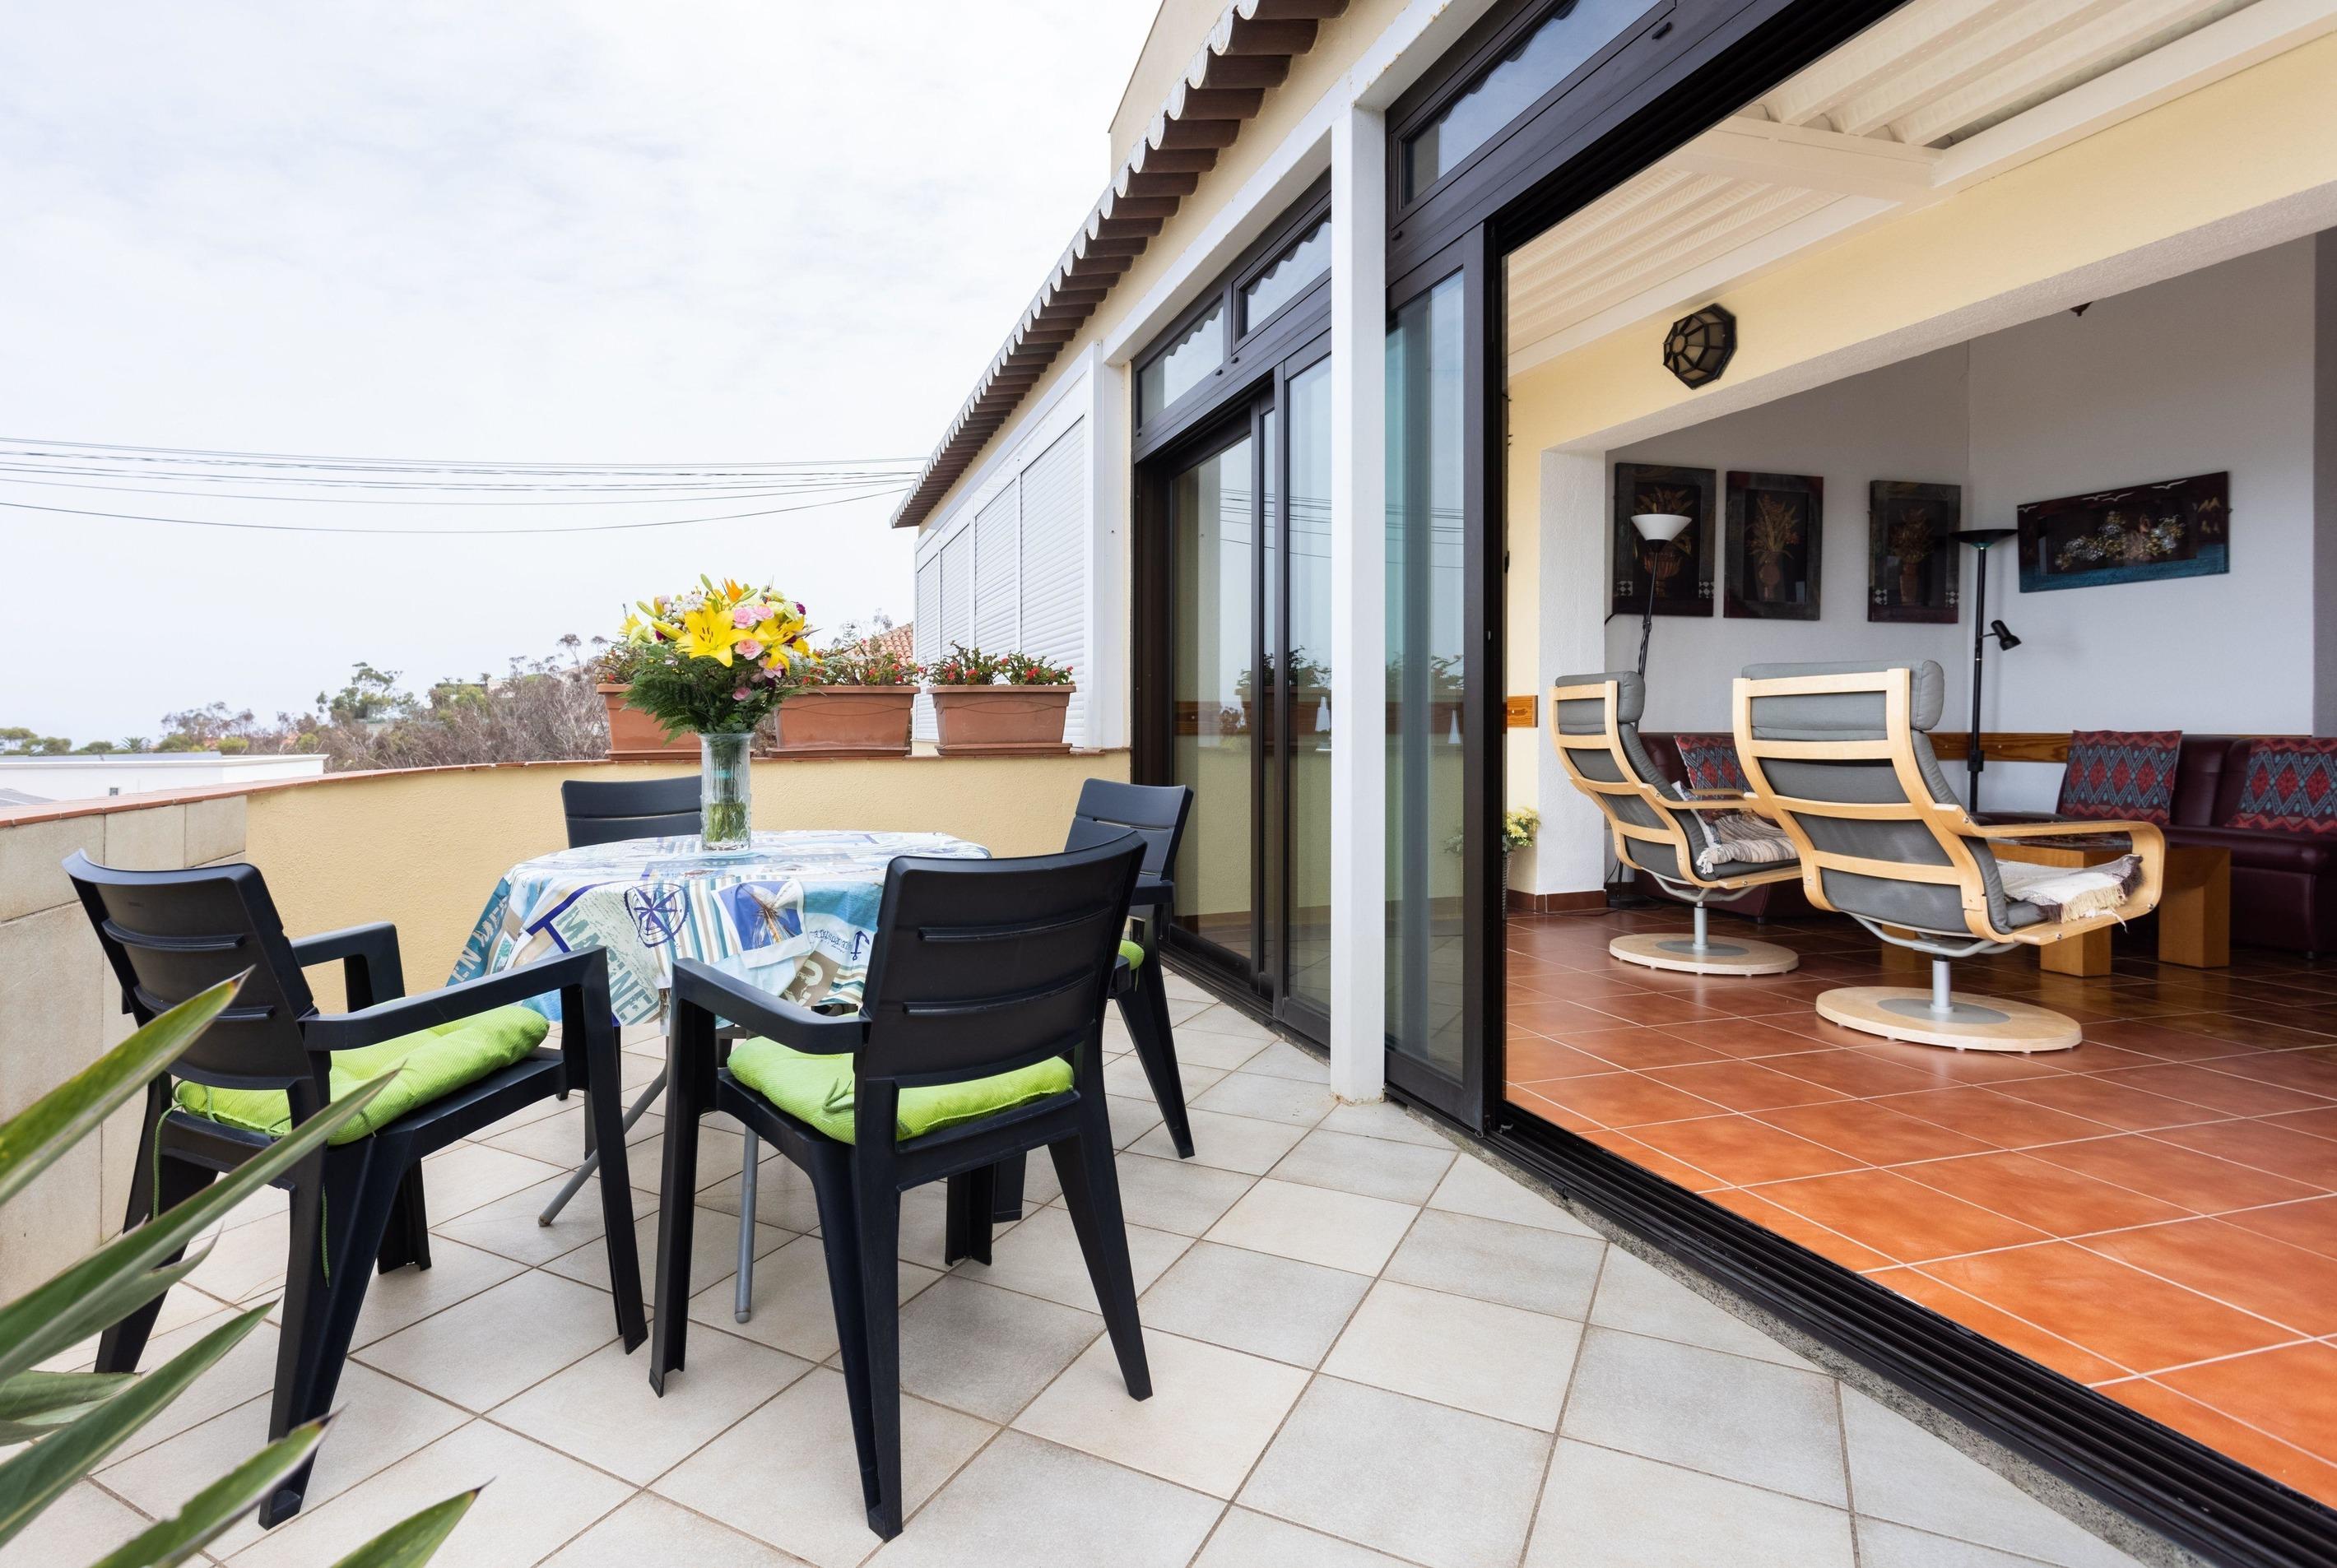 Appartement de vacances Fewo Solymar, mit 2 Schlafzimmern, 2 Bädern, eigener Terrasse und Garten, Meerblick, Pool, (2492986), Santa Ursula, Ténérife, Iles Canaries, Espagne, image 7